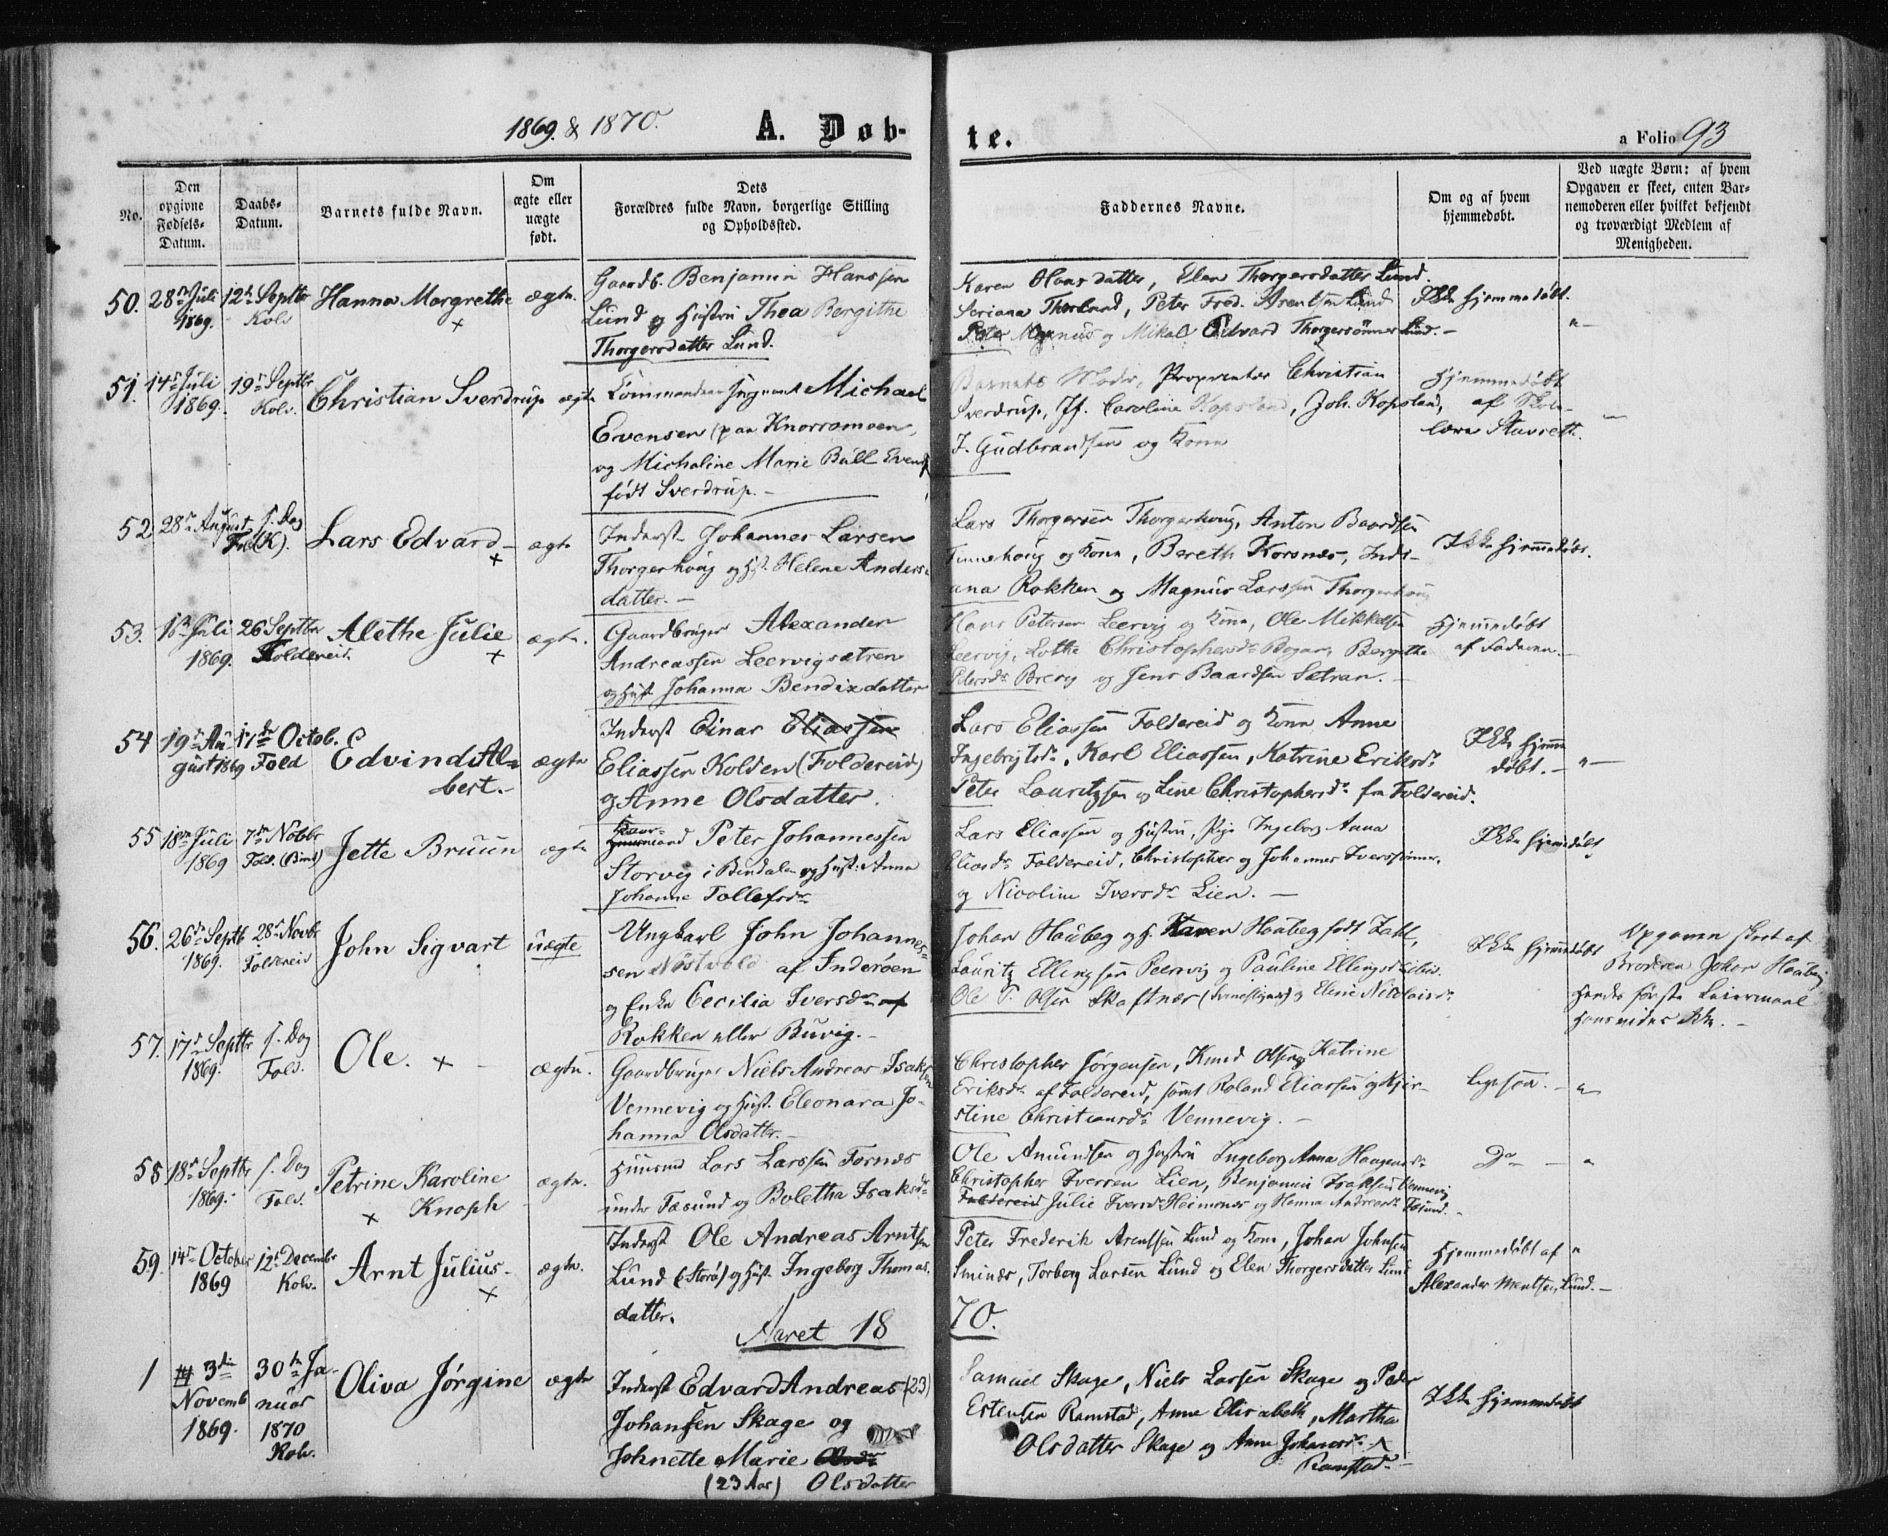 SAT, Ministerialprotokoller, klokkerbøker og fødselsregistre - Nord-Trøndelag, 780/L0641: Ministerialbok nr. 780A06, 1857-1874, s. 93